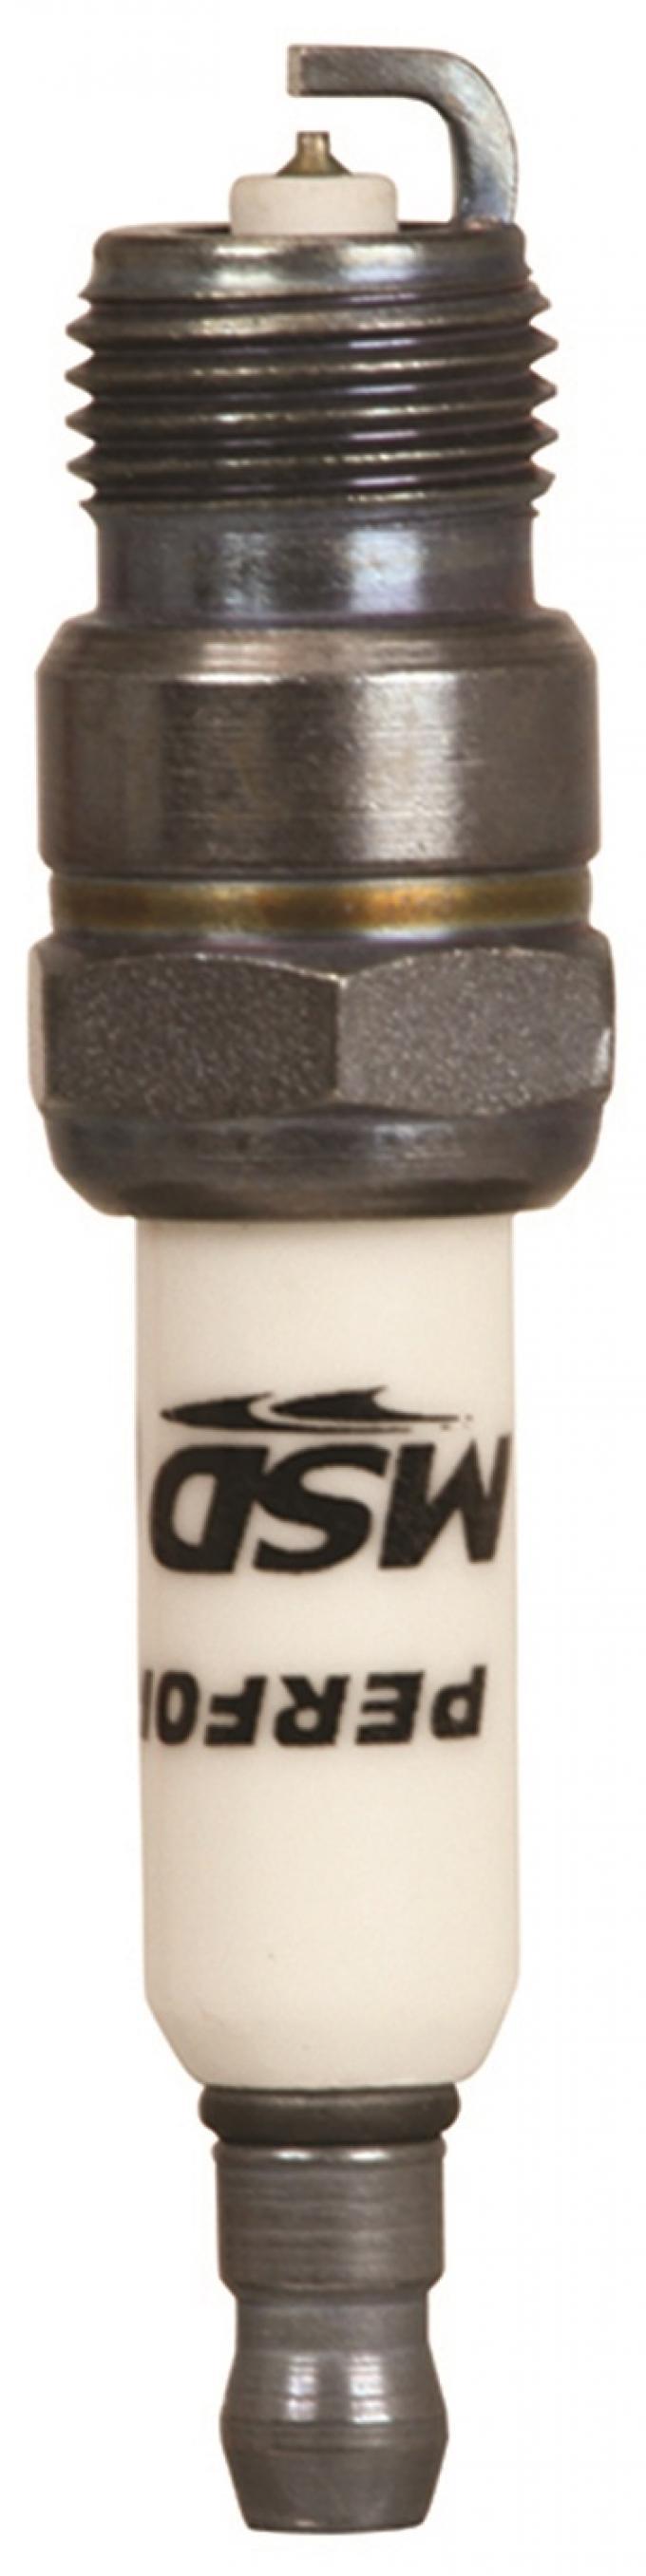 MSD Iridium Tip Spark Plug 3721